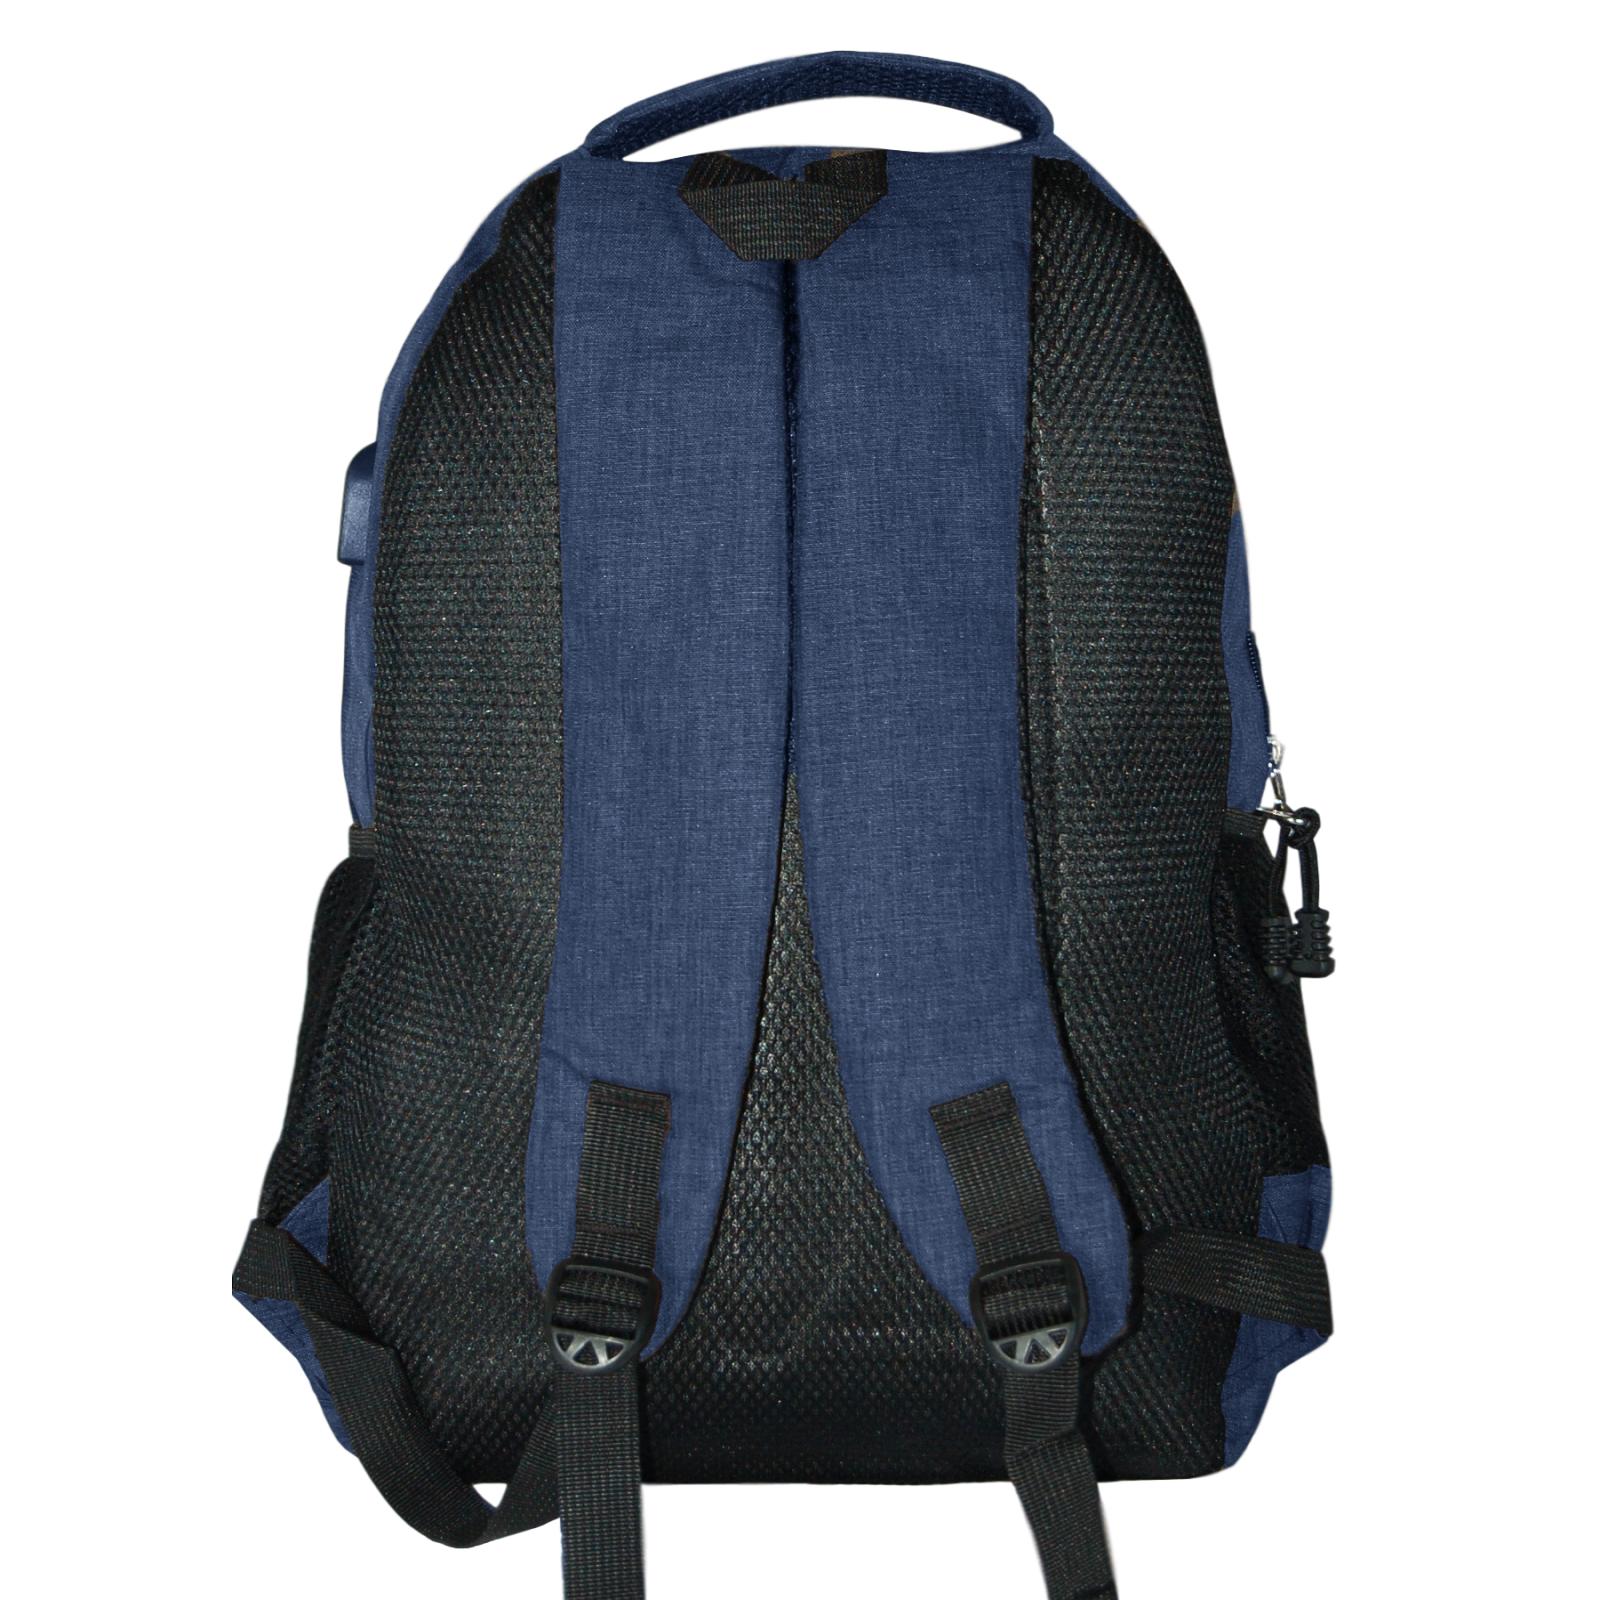 Zaino-Uomo-Donna-Porta-USB-Multitasche-Viaggio-Rosso-Blu-Nero-Grigio miniatura 20